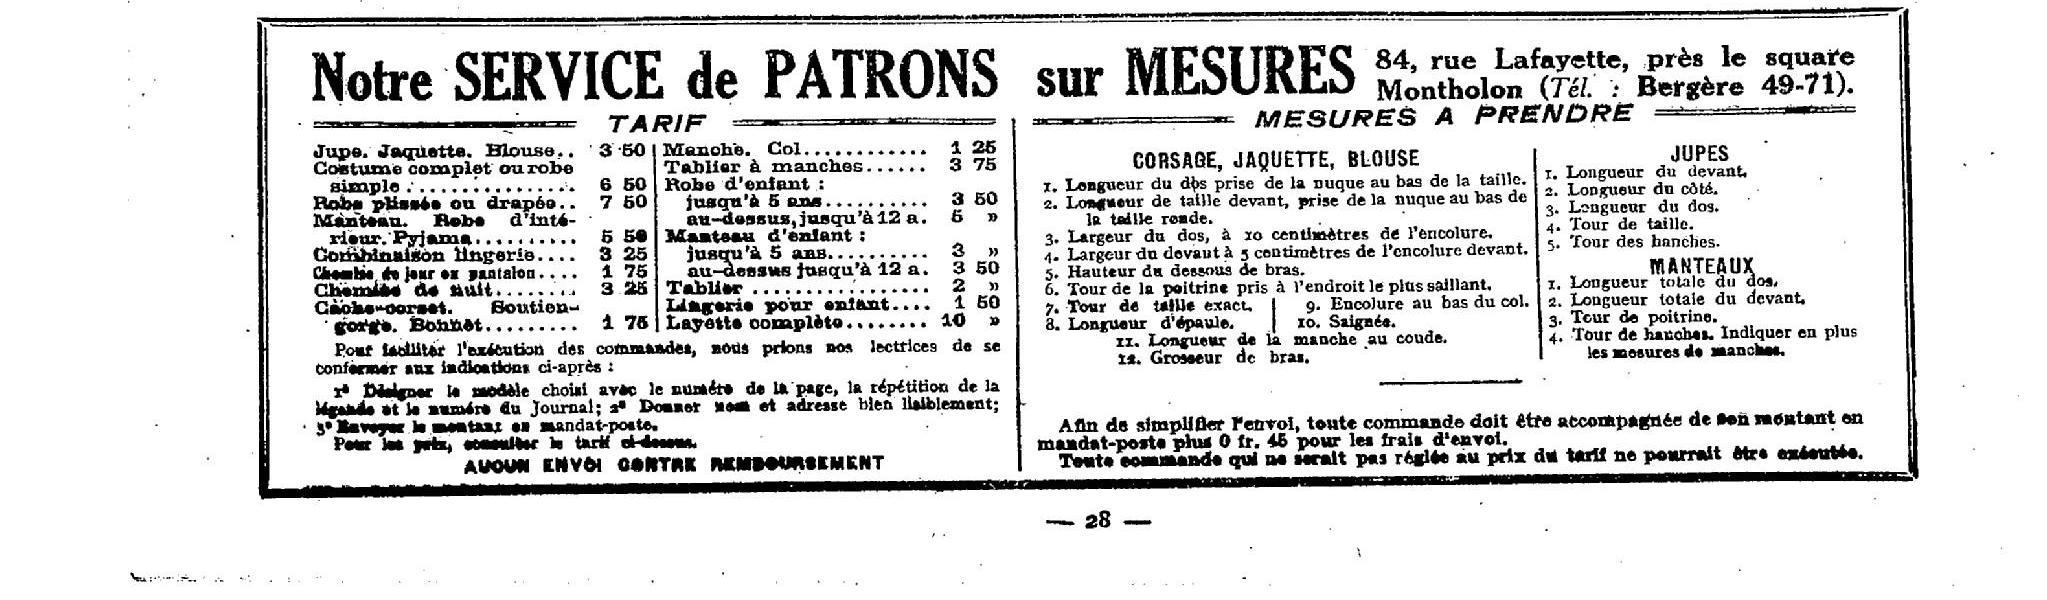 patron-le-femme-de-france-1921 dans Miscellanees